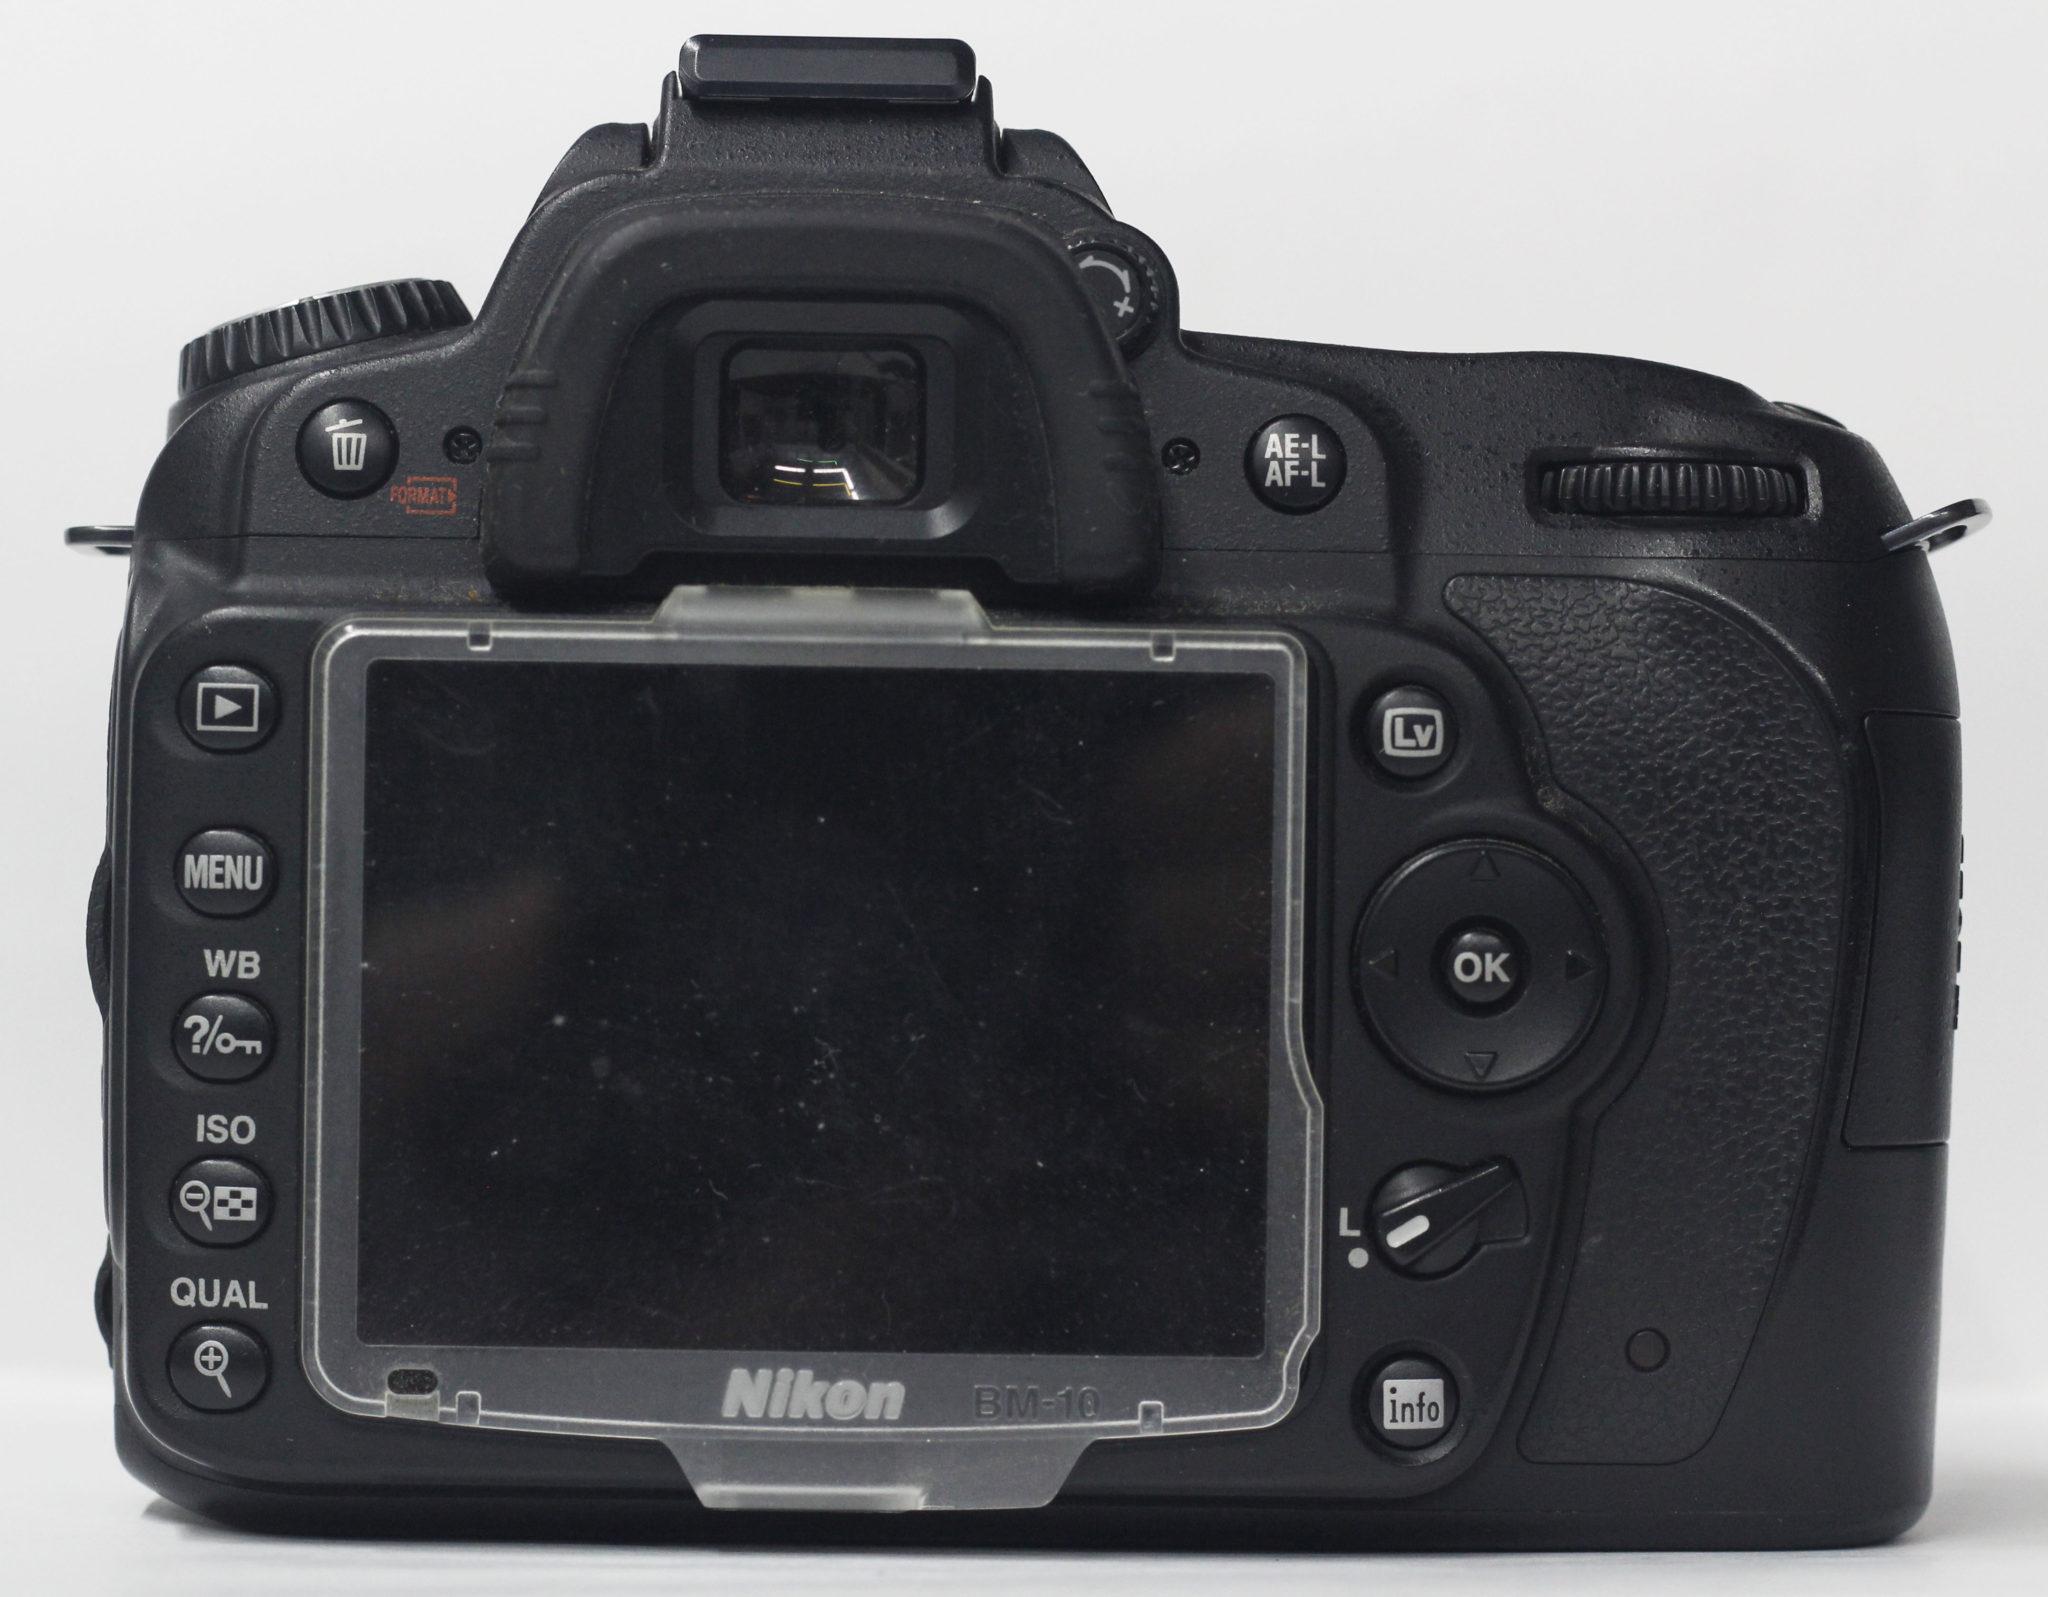 Nikon D90 Used Camera in Pakistan